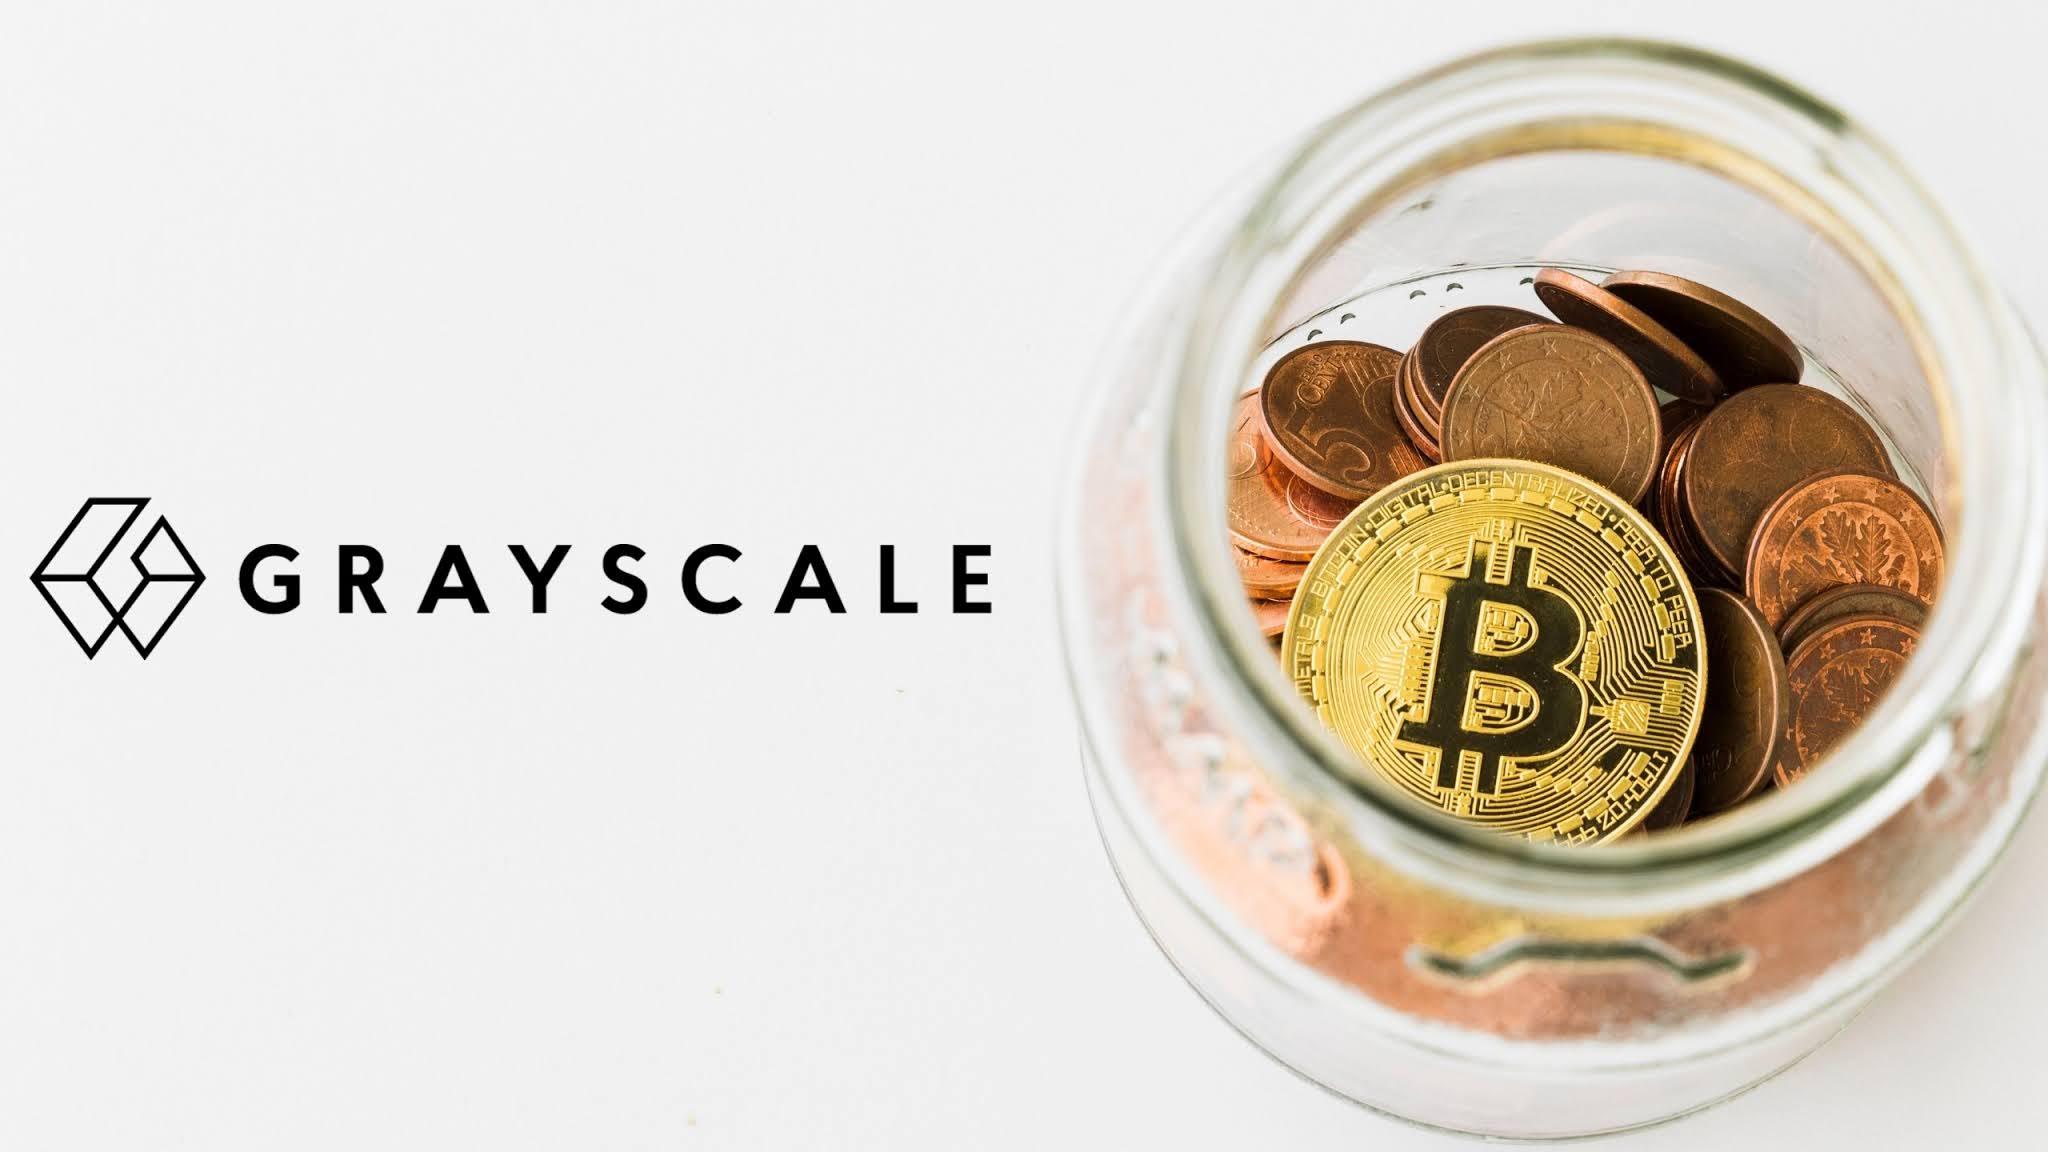 Grayscale Bitcoin Satın Alımını Hızlandırdı, Resmen Bir Günde 600 Milyon Dolarlık BTC Satın Aldı!